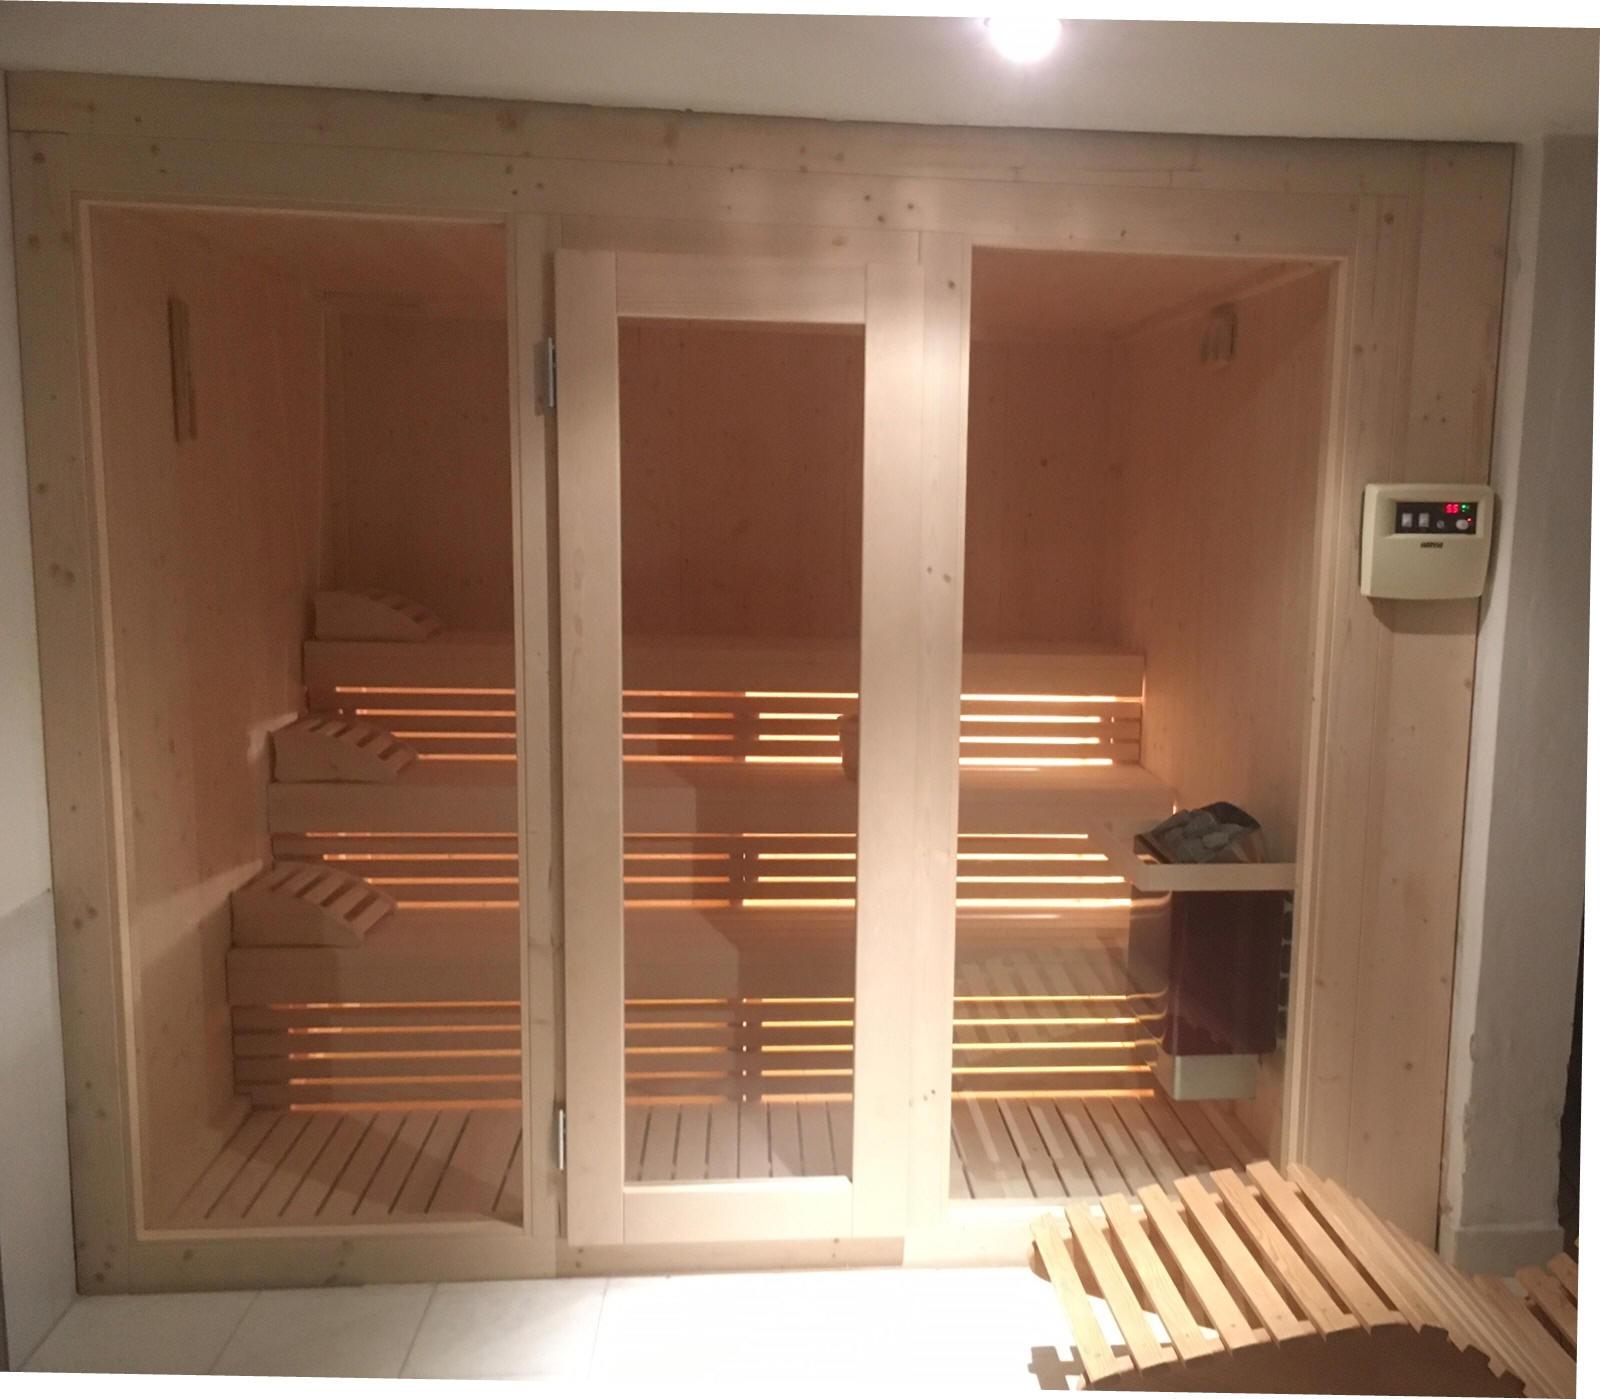 Costo bagno turco in casa frame bagno turco bologna spatium rigenera particolare bagno - Come costruire un bagno turco in casa ...